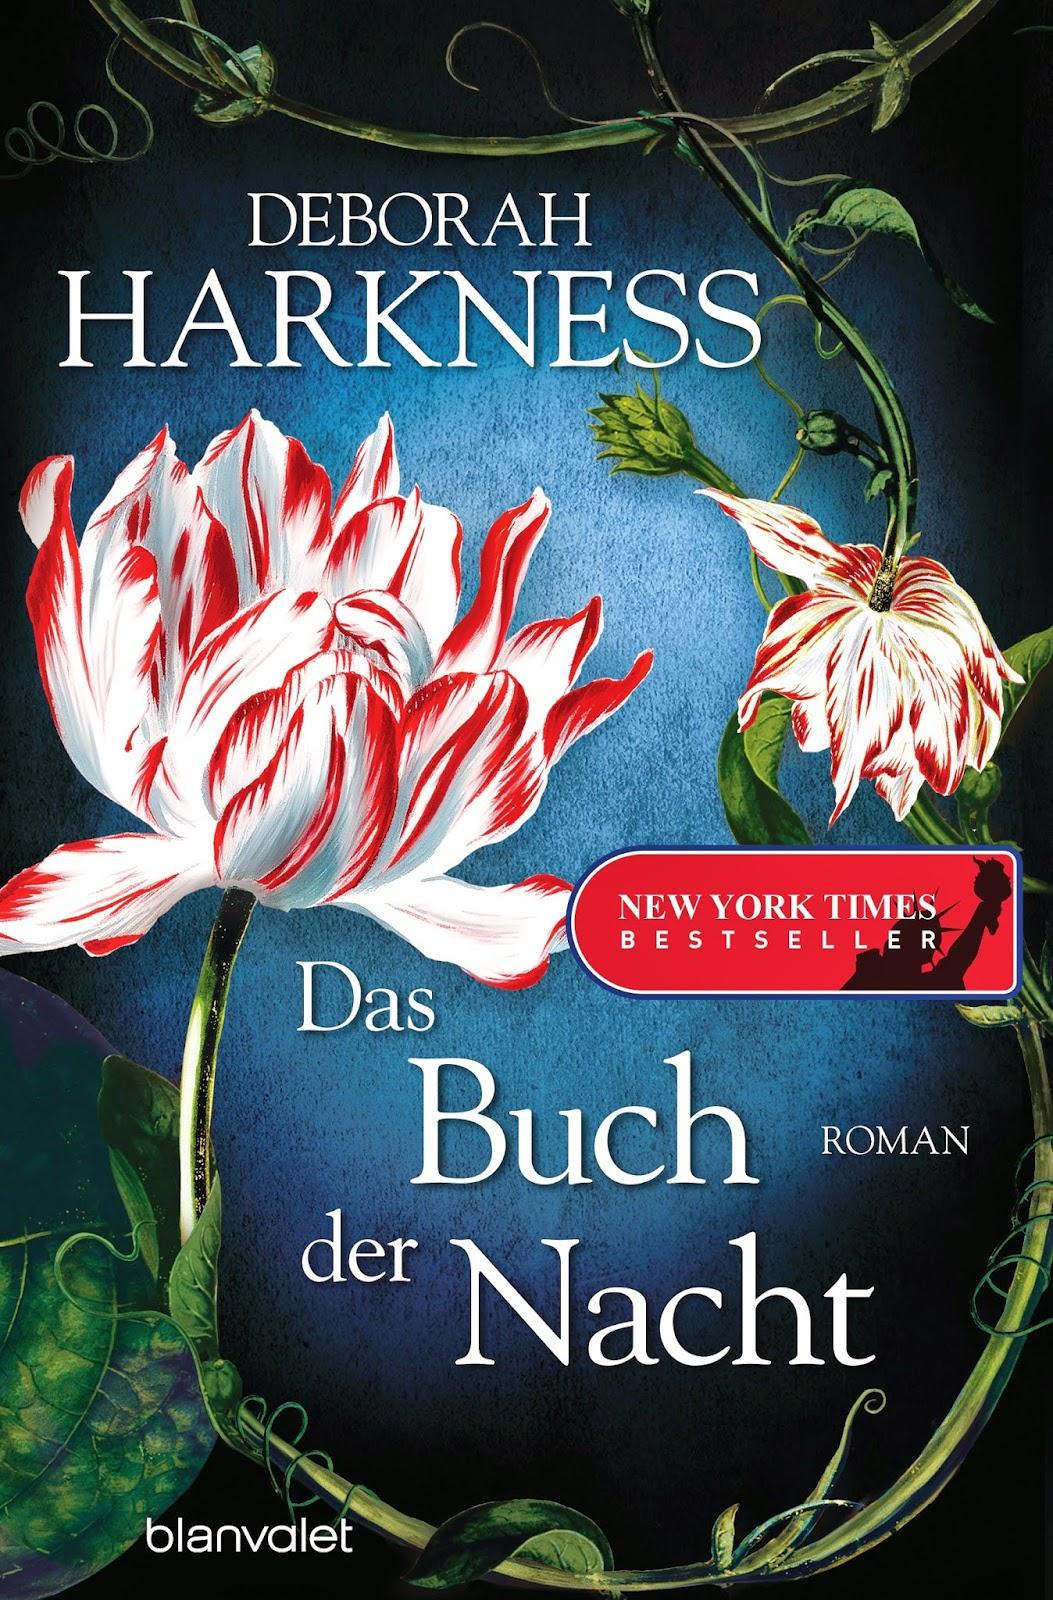 http://www.randomhouse.de/Buch/Das-Buch-der-Nacht-Roman/Deborah-Harkness/e460990.rhd